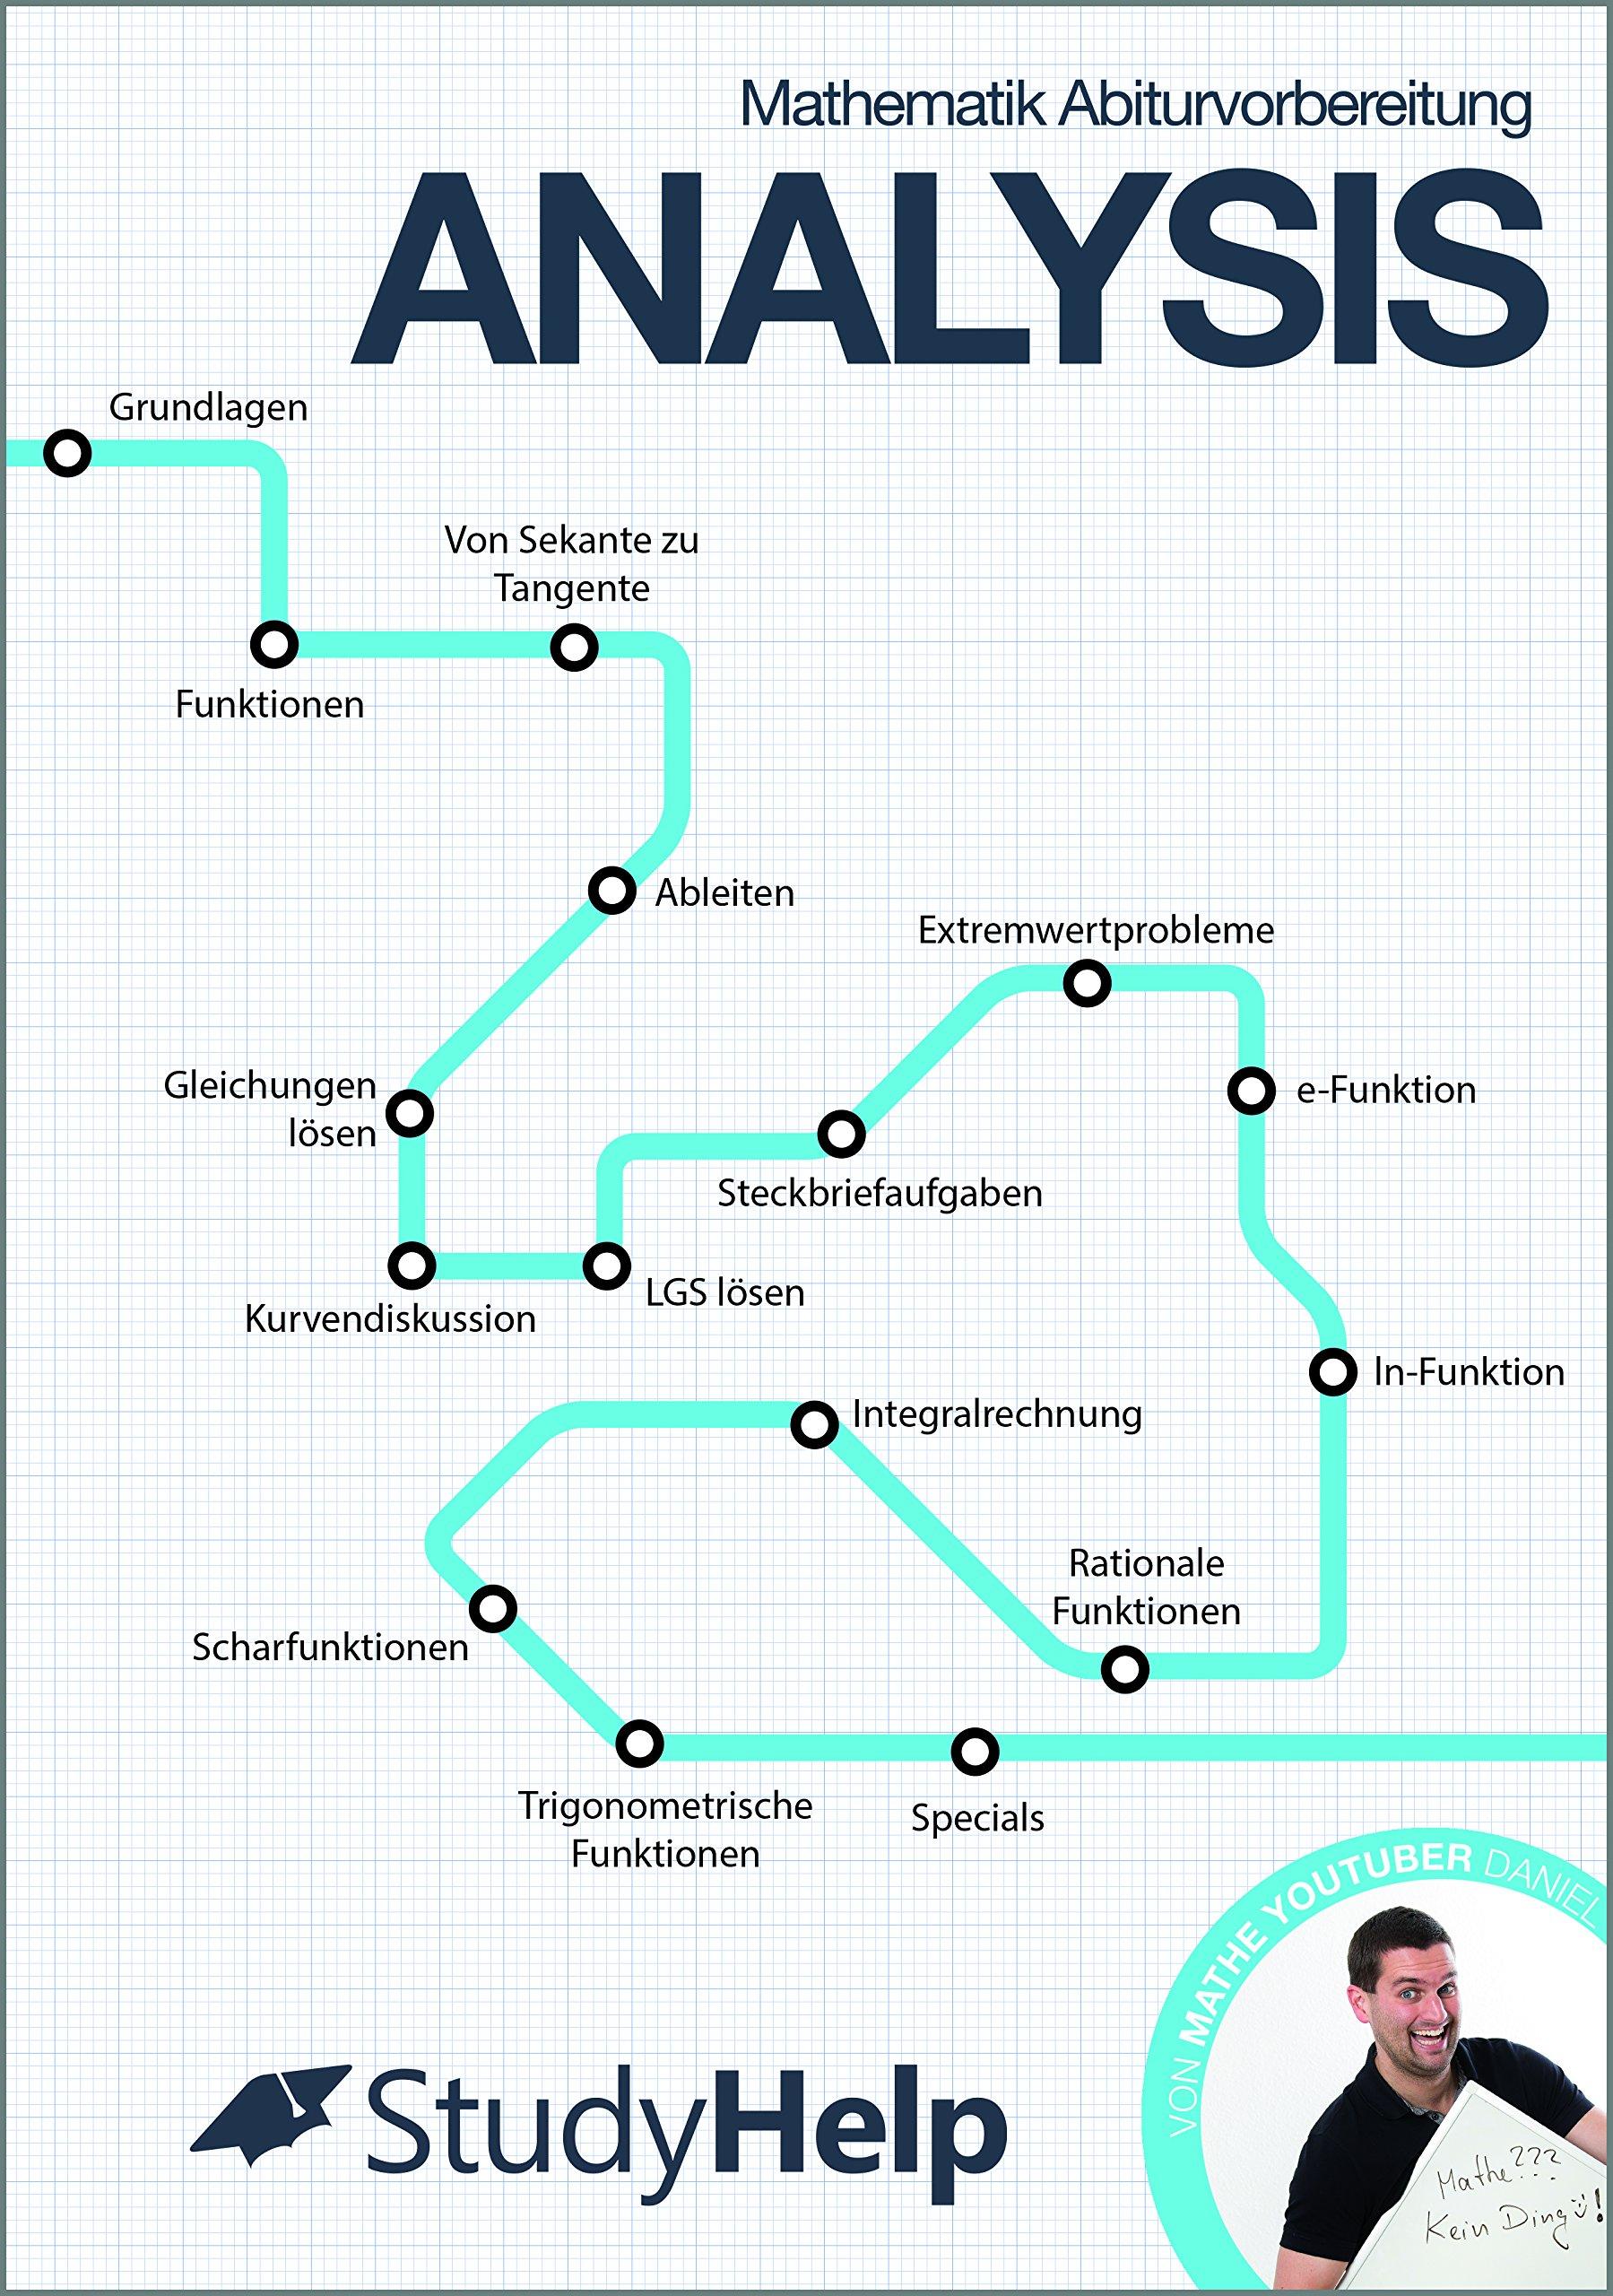 Mathematik Abiturvorbereitung Analysis  StudyHelp und Daniel Jung ...